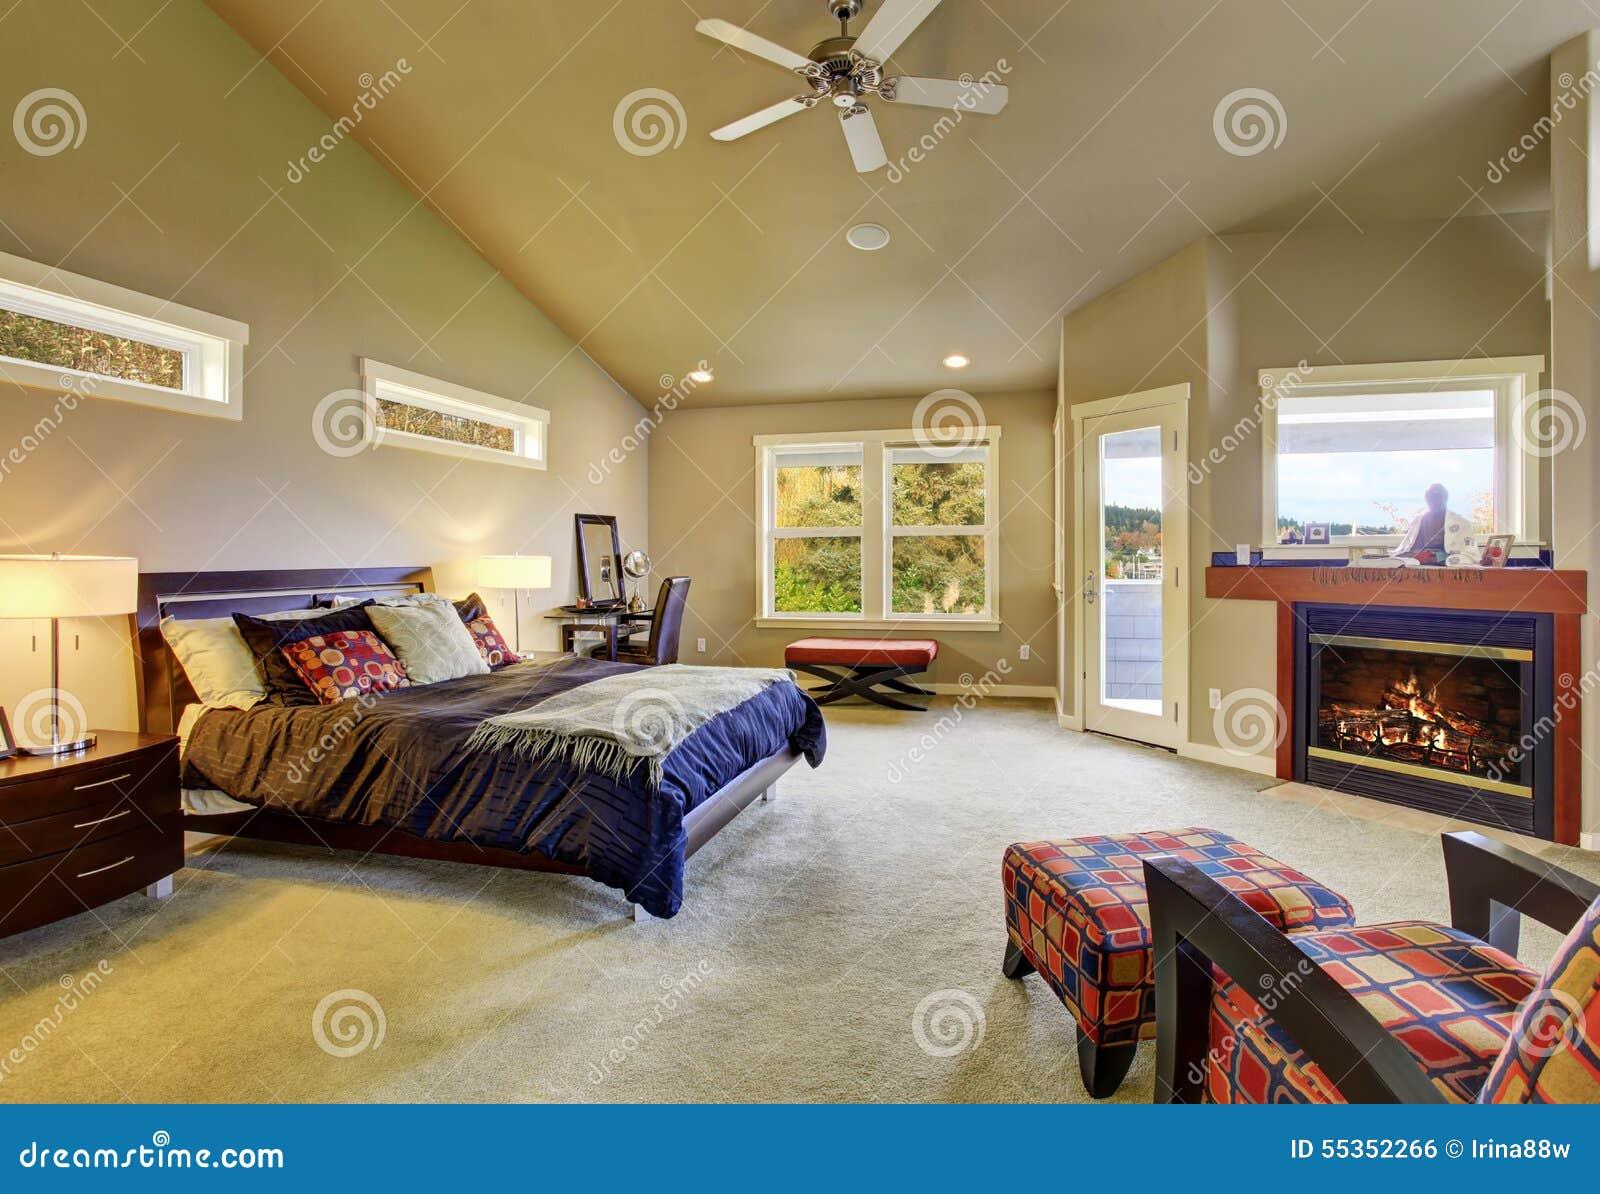 Slaapkamer Met Openhaard : Hoofdslaapkamer met vensters en open haard stock foto afbeelding